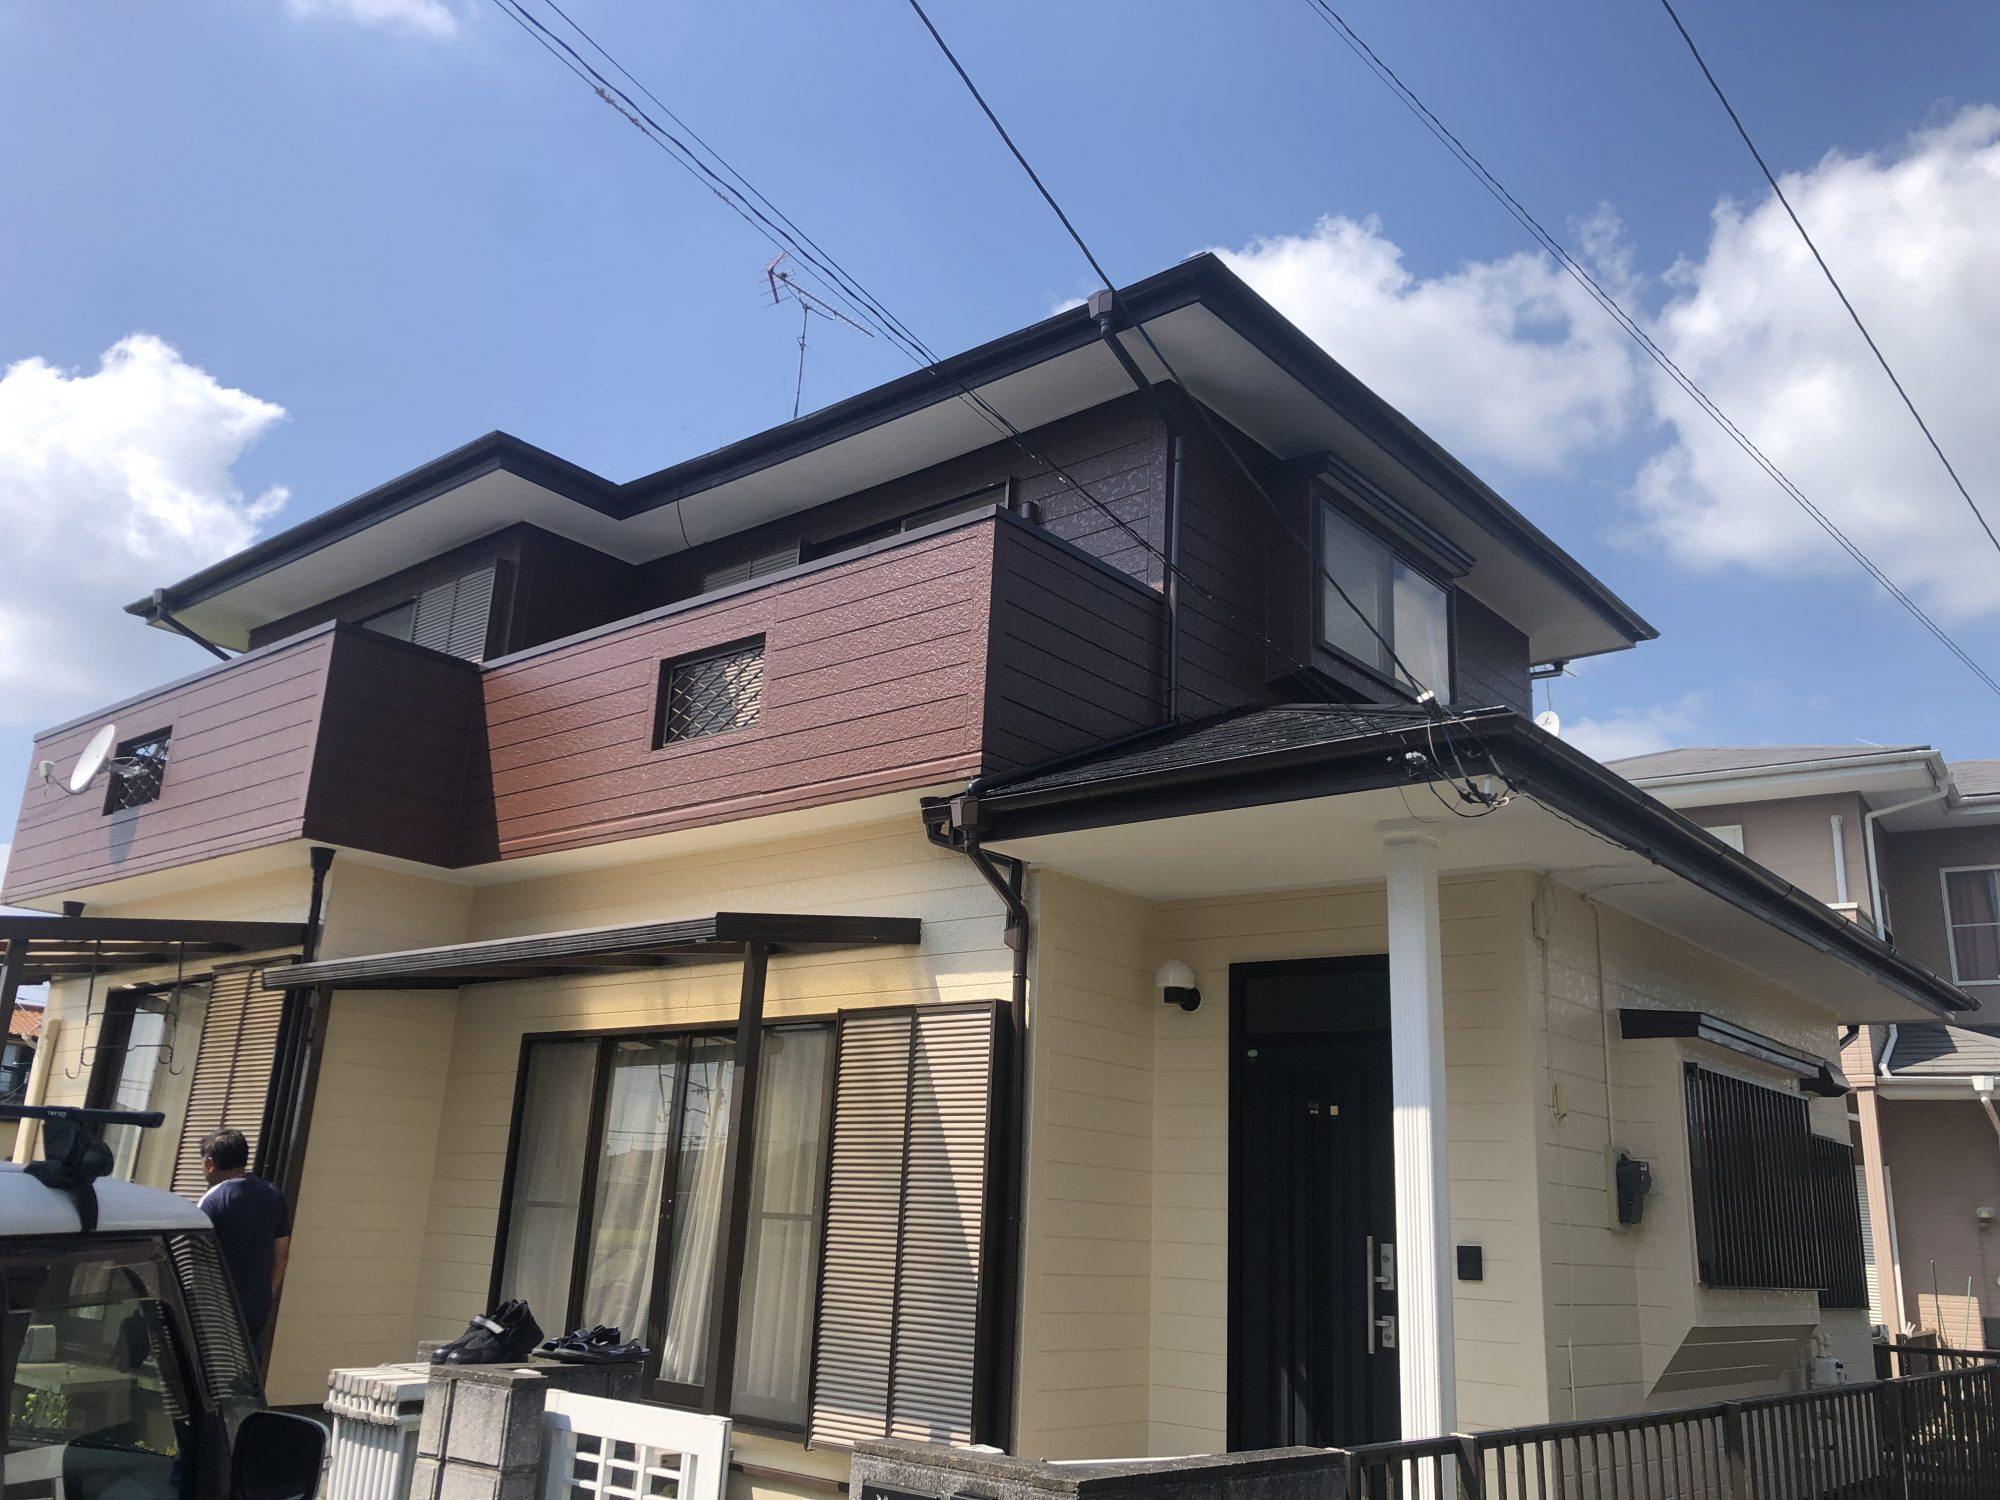 茂原市N様邸屋根外壁塗装工事 After